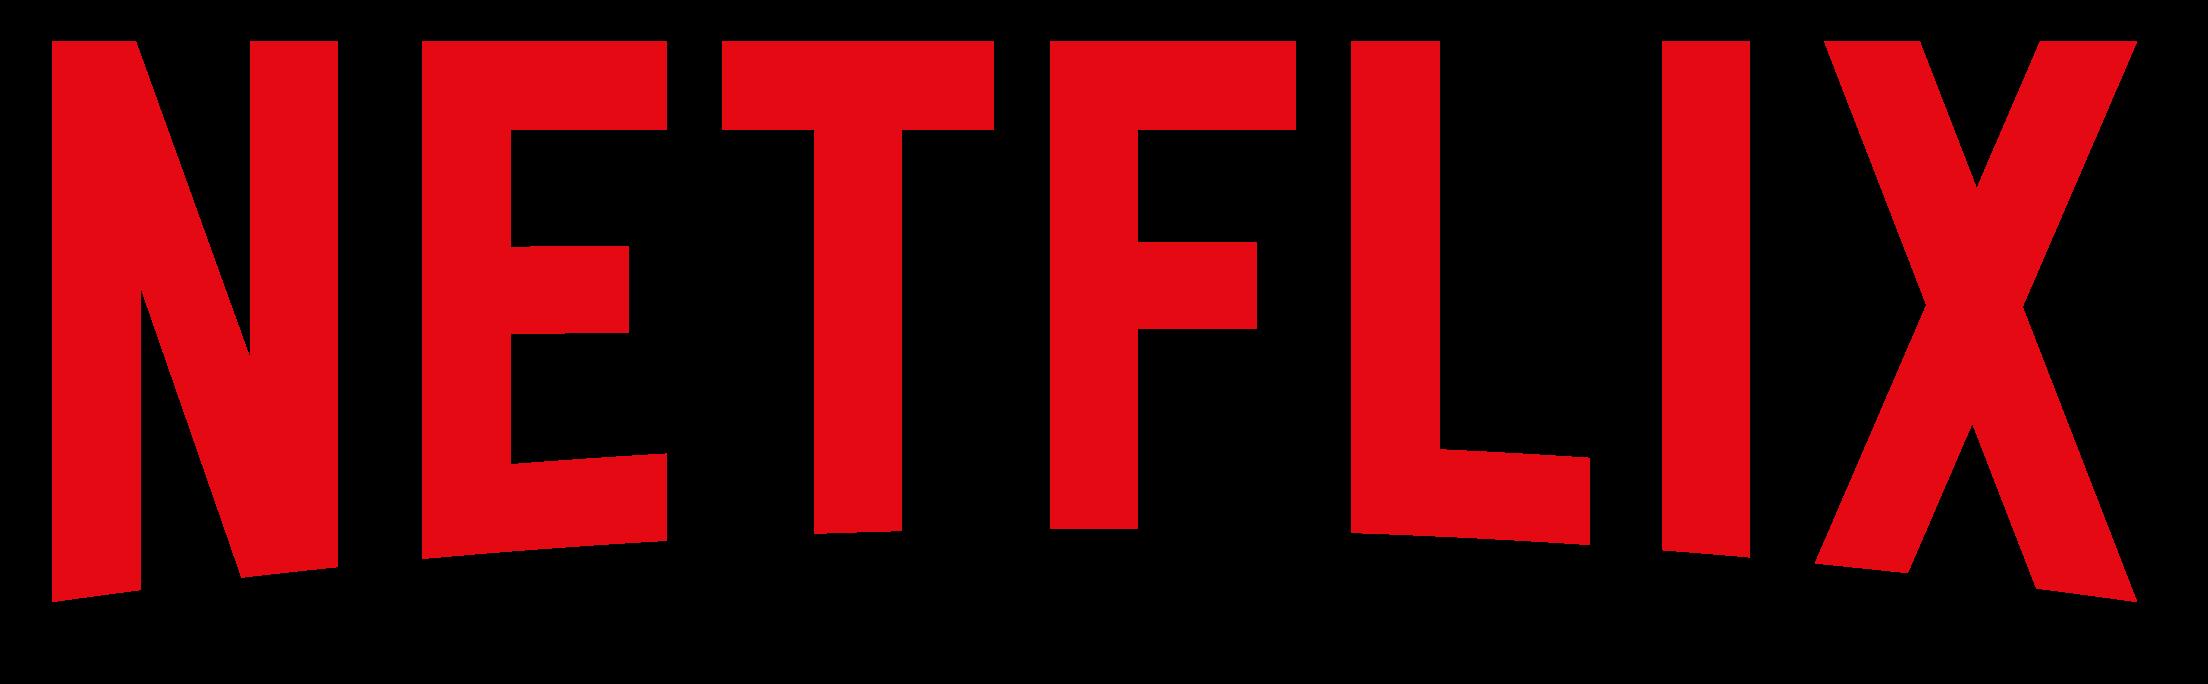 netflix logo #2562